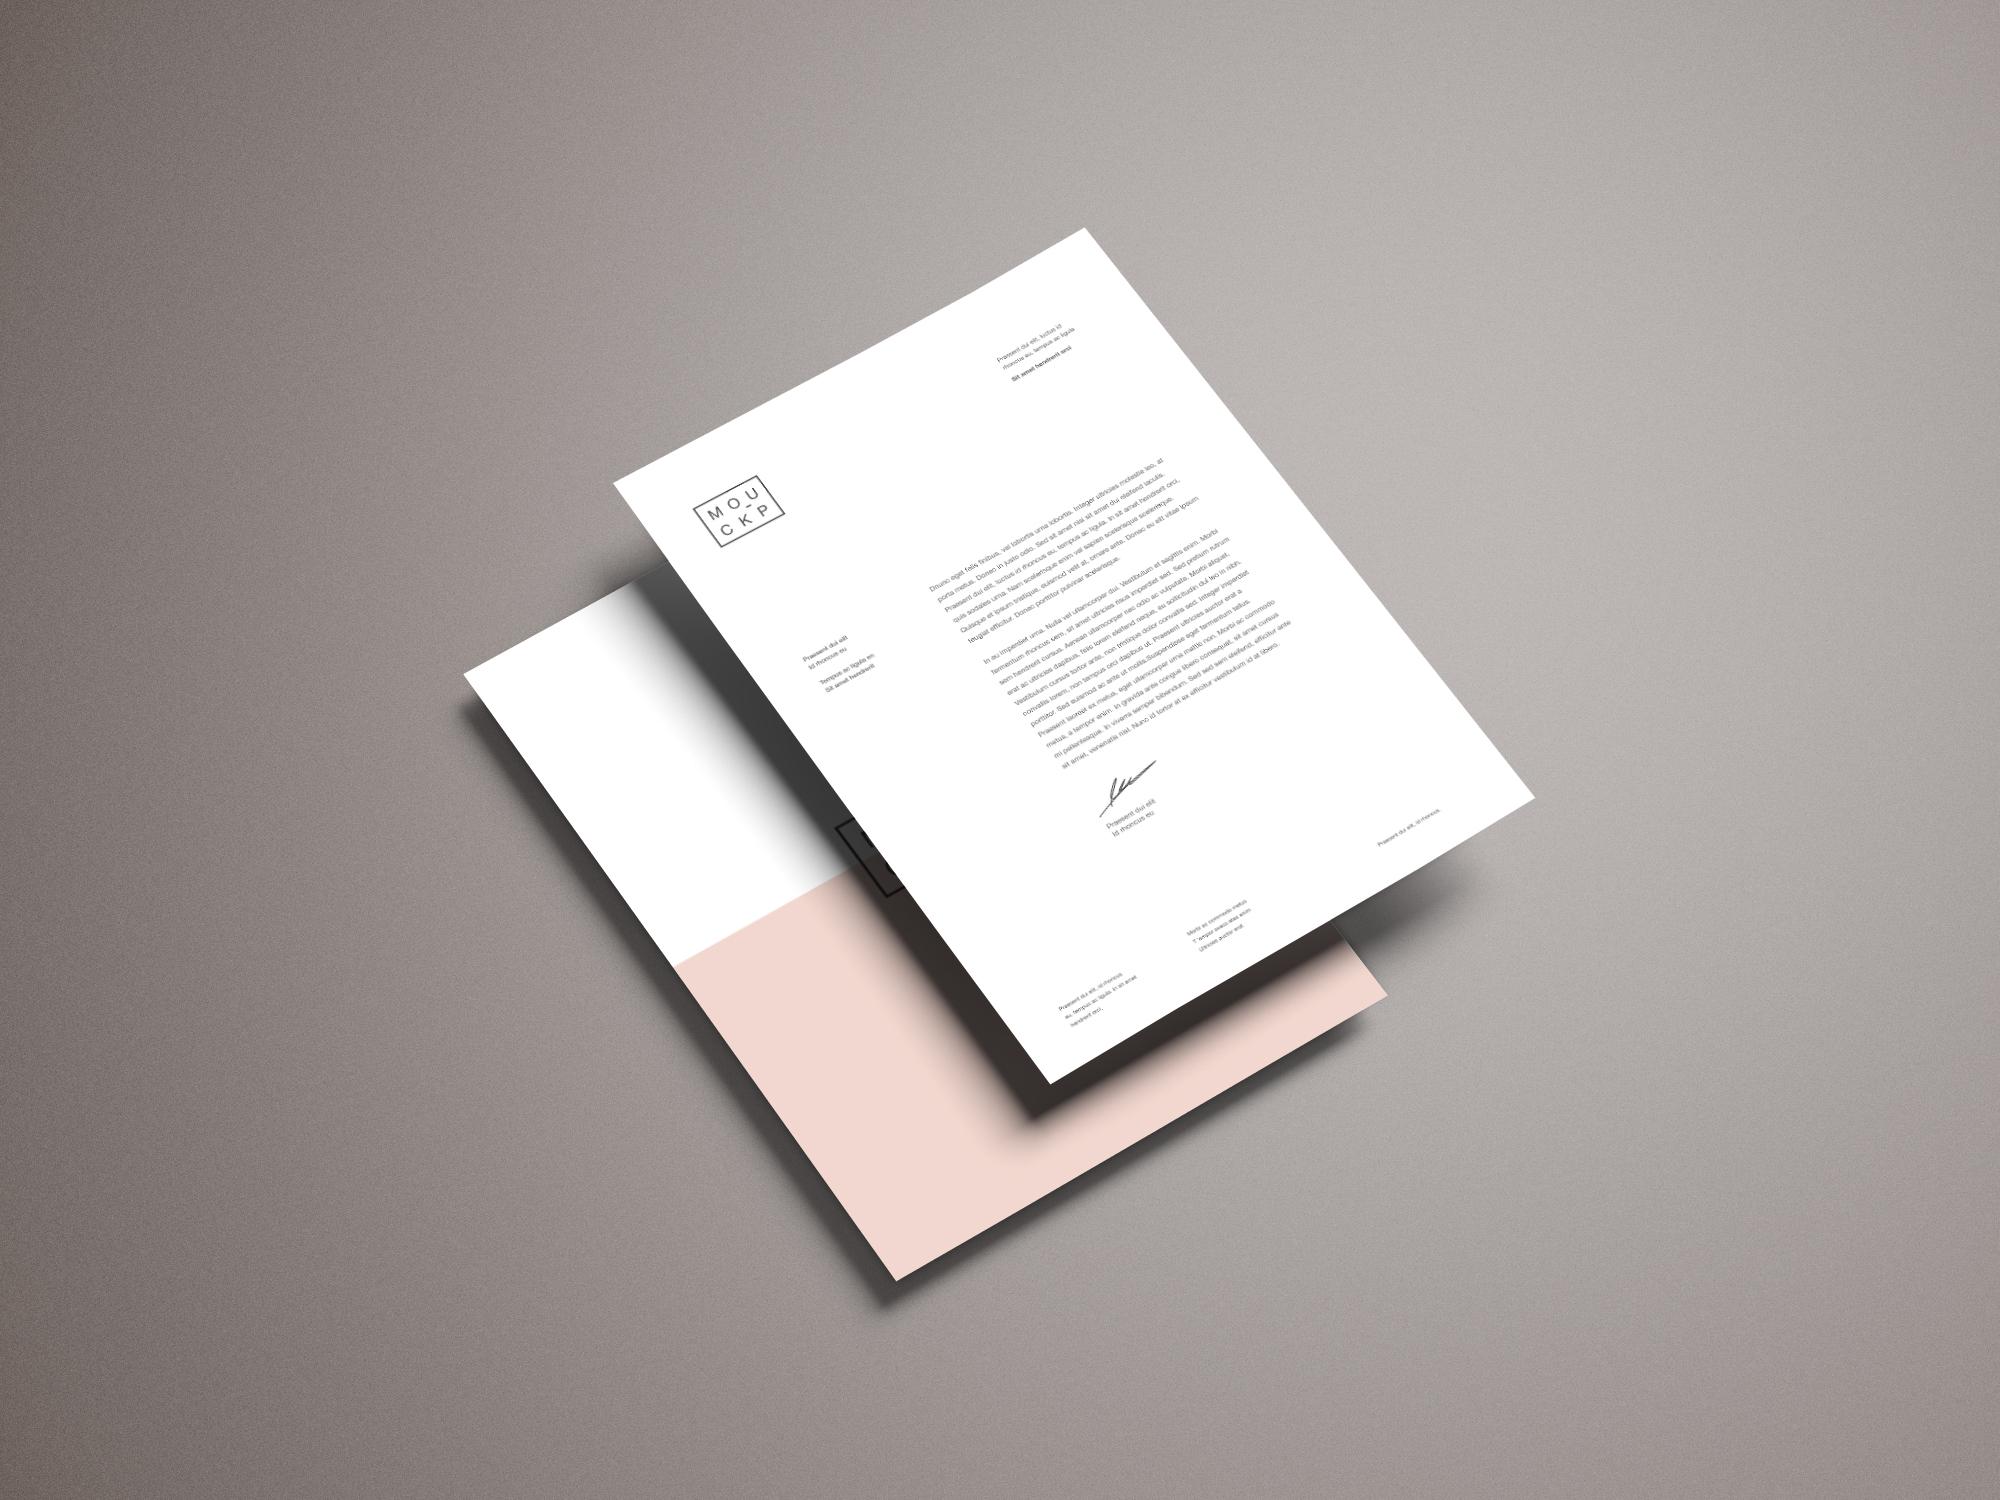 Stationery - Letterhead Mockup